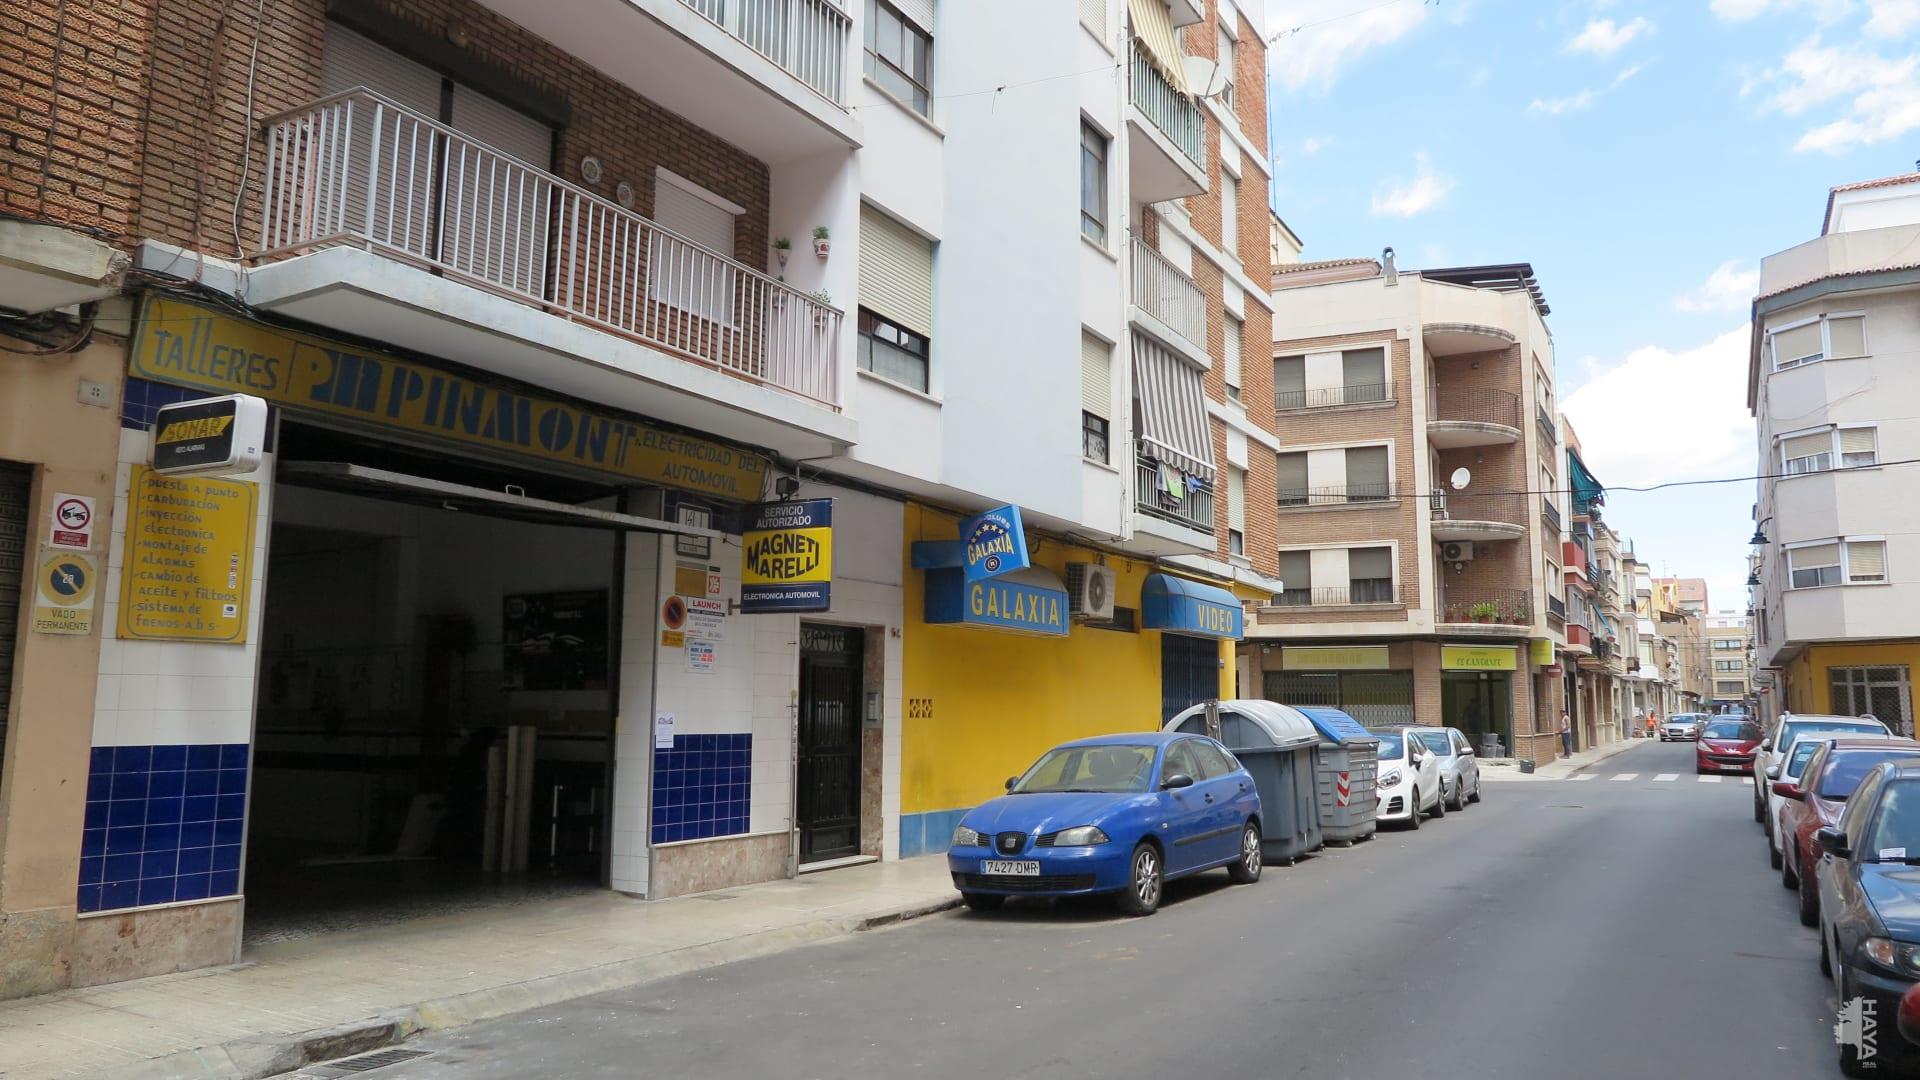 Piso en venta en Alquerieta, Alzira, Valencia, Calle Tetuan, 51.200 €, 3 habitaciones, 1 baño, 97 m2